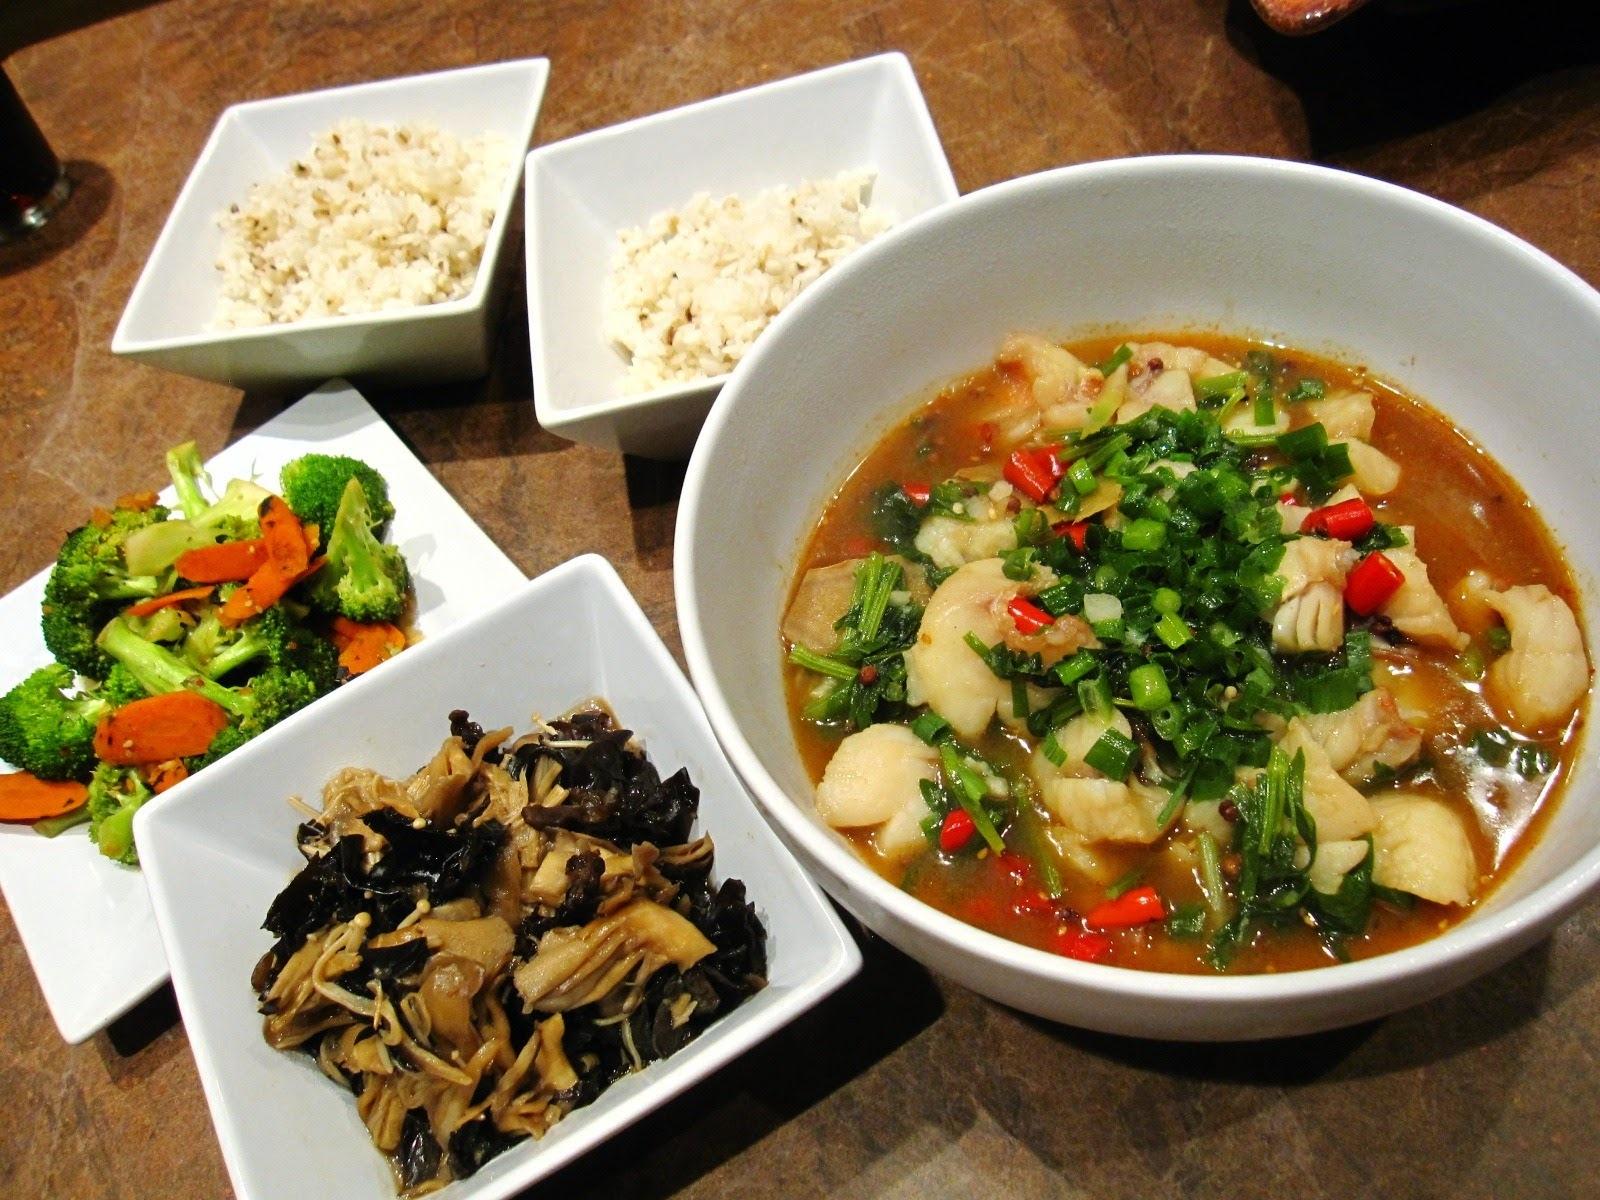 川味水煮魚片、醬燴三姑、炒蔬菜